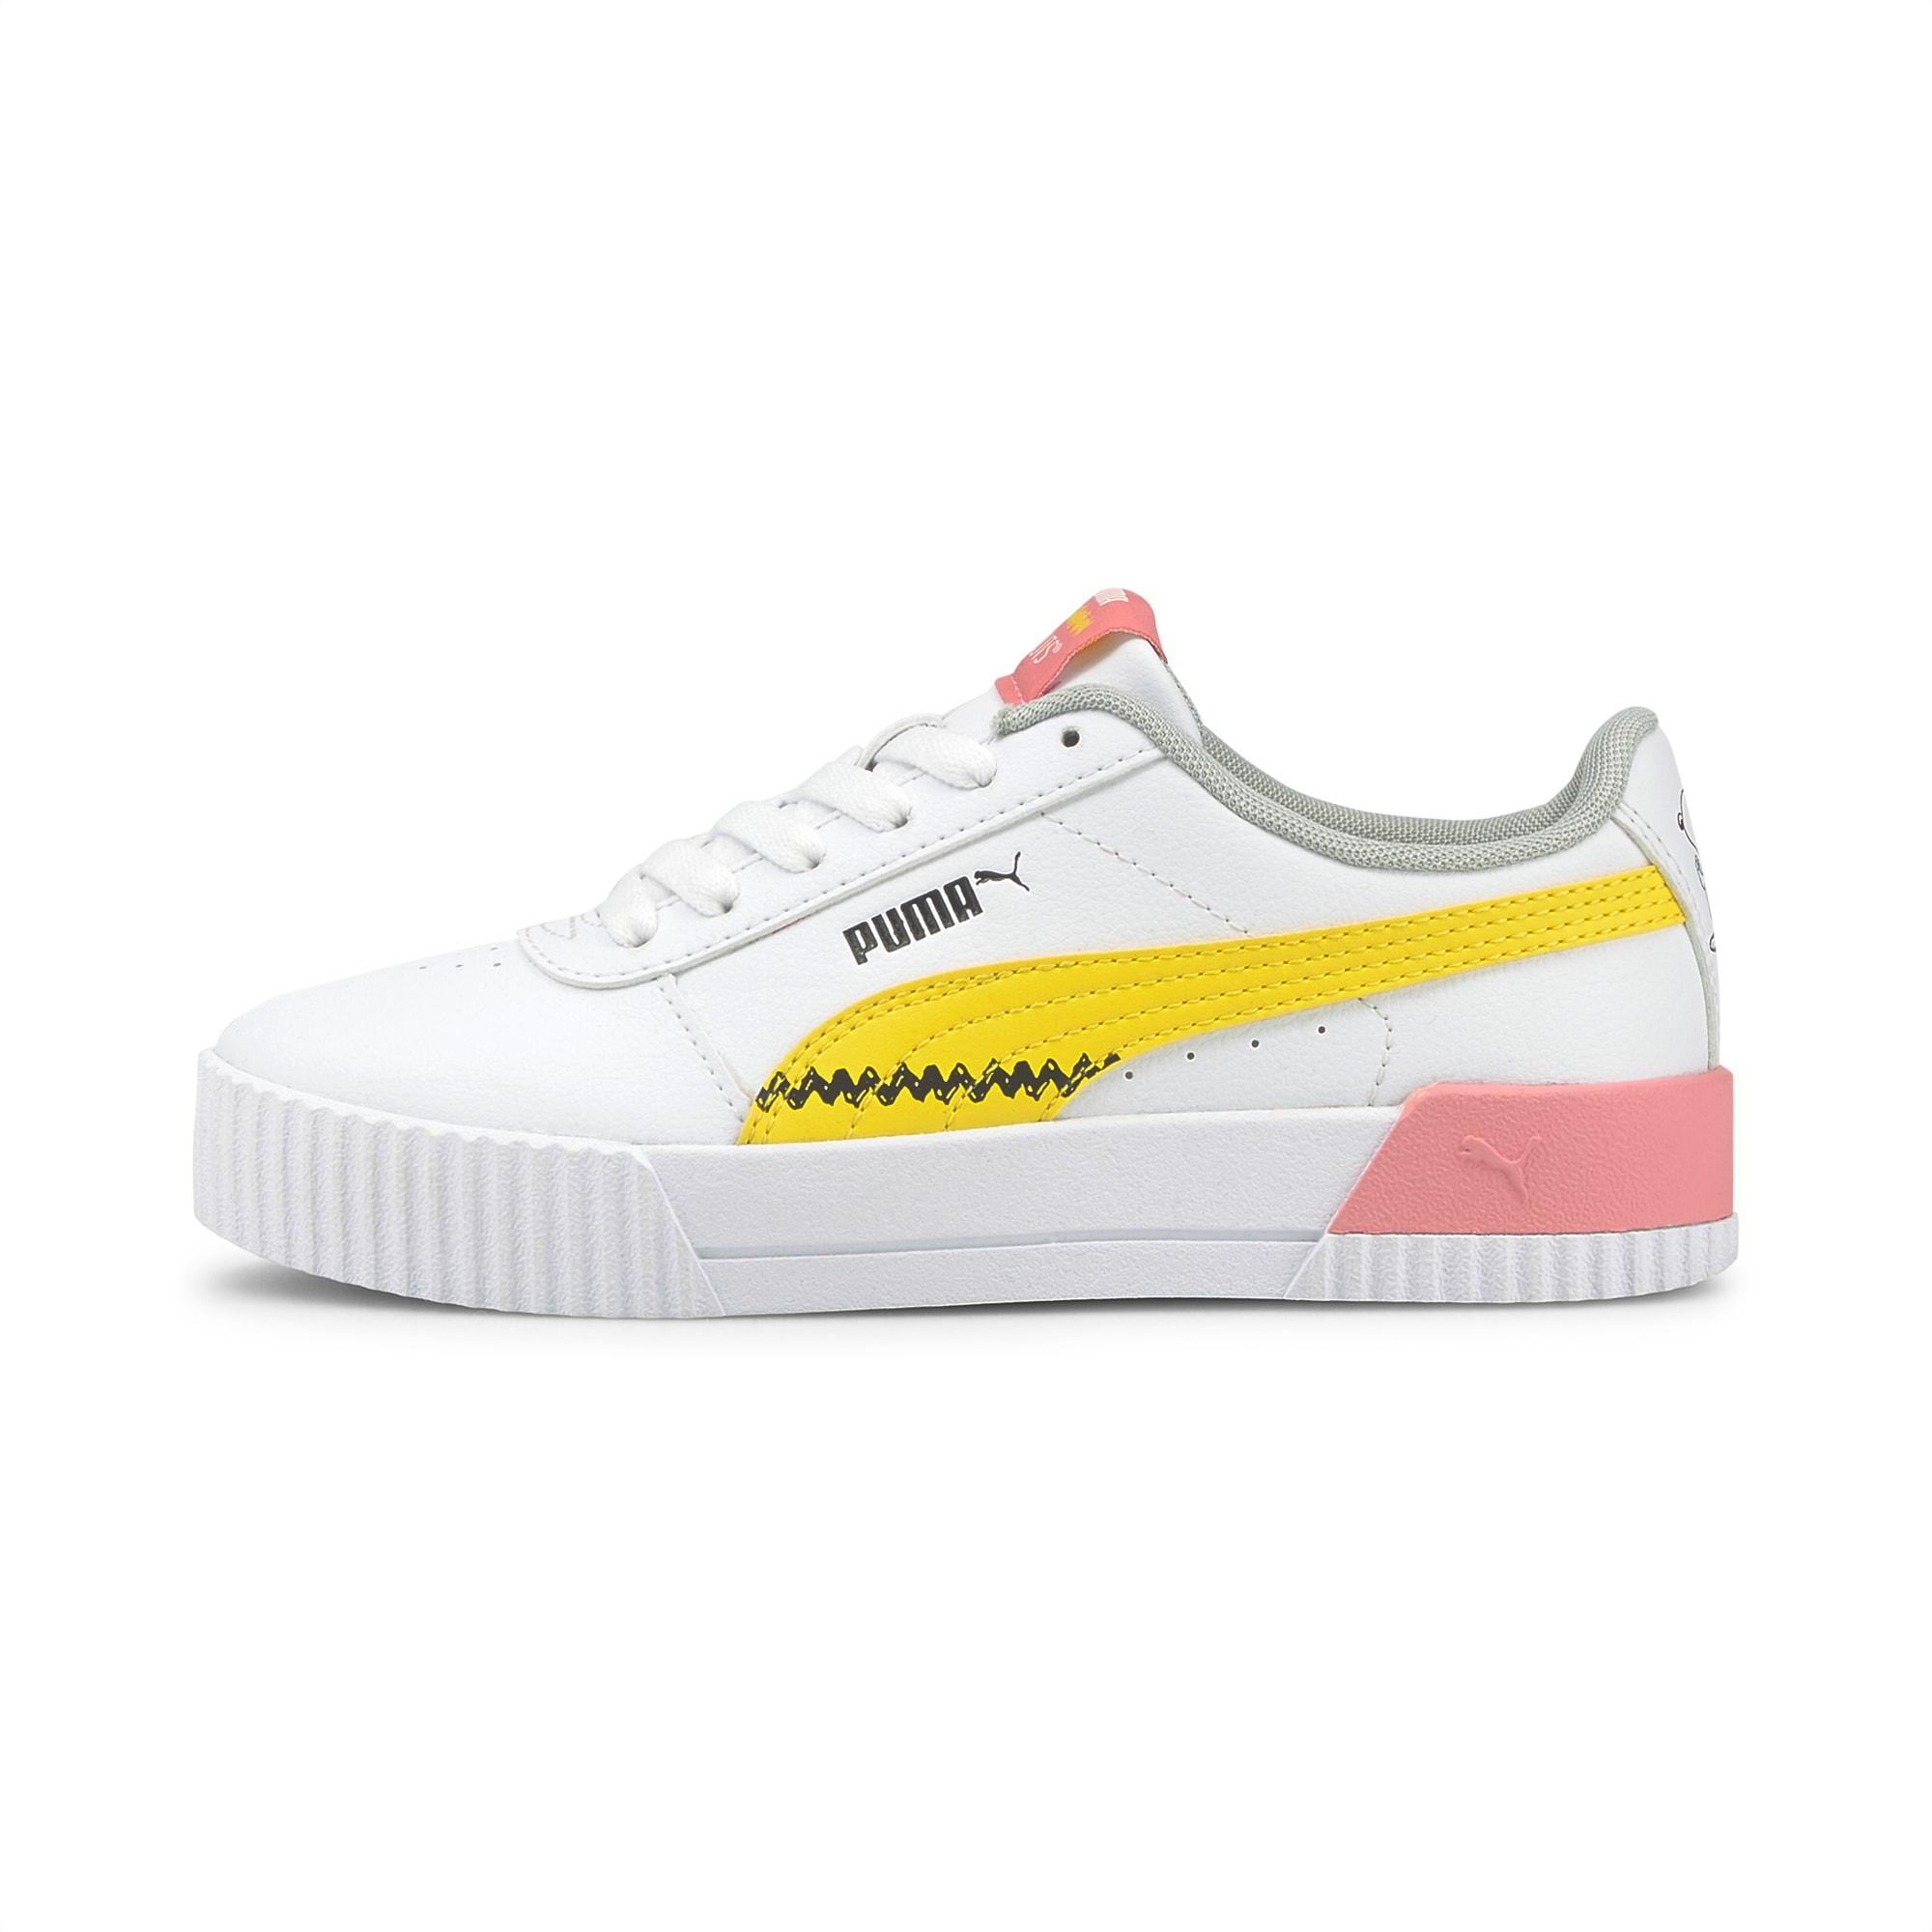 PUMA x PEANUTS Carina Sneakers JR